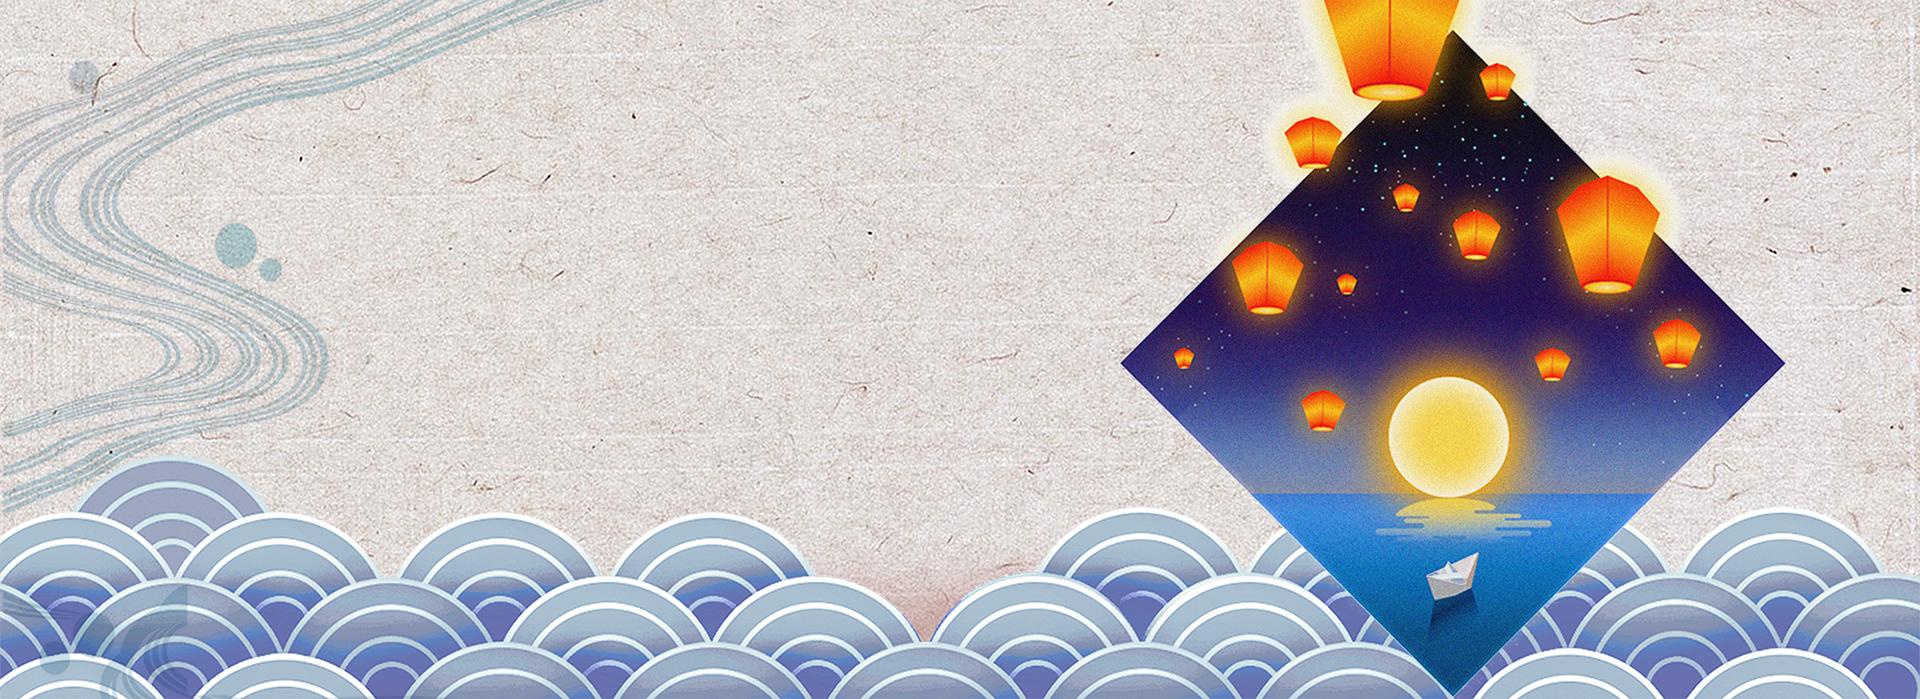 le festival des lanternes classique chinois vent fond gris